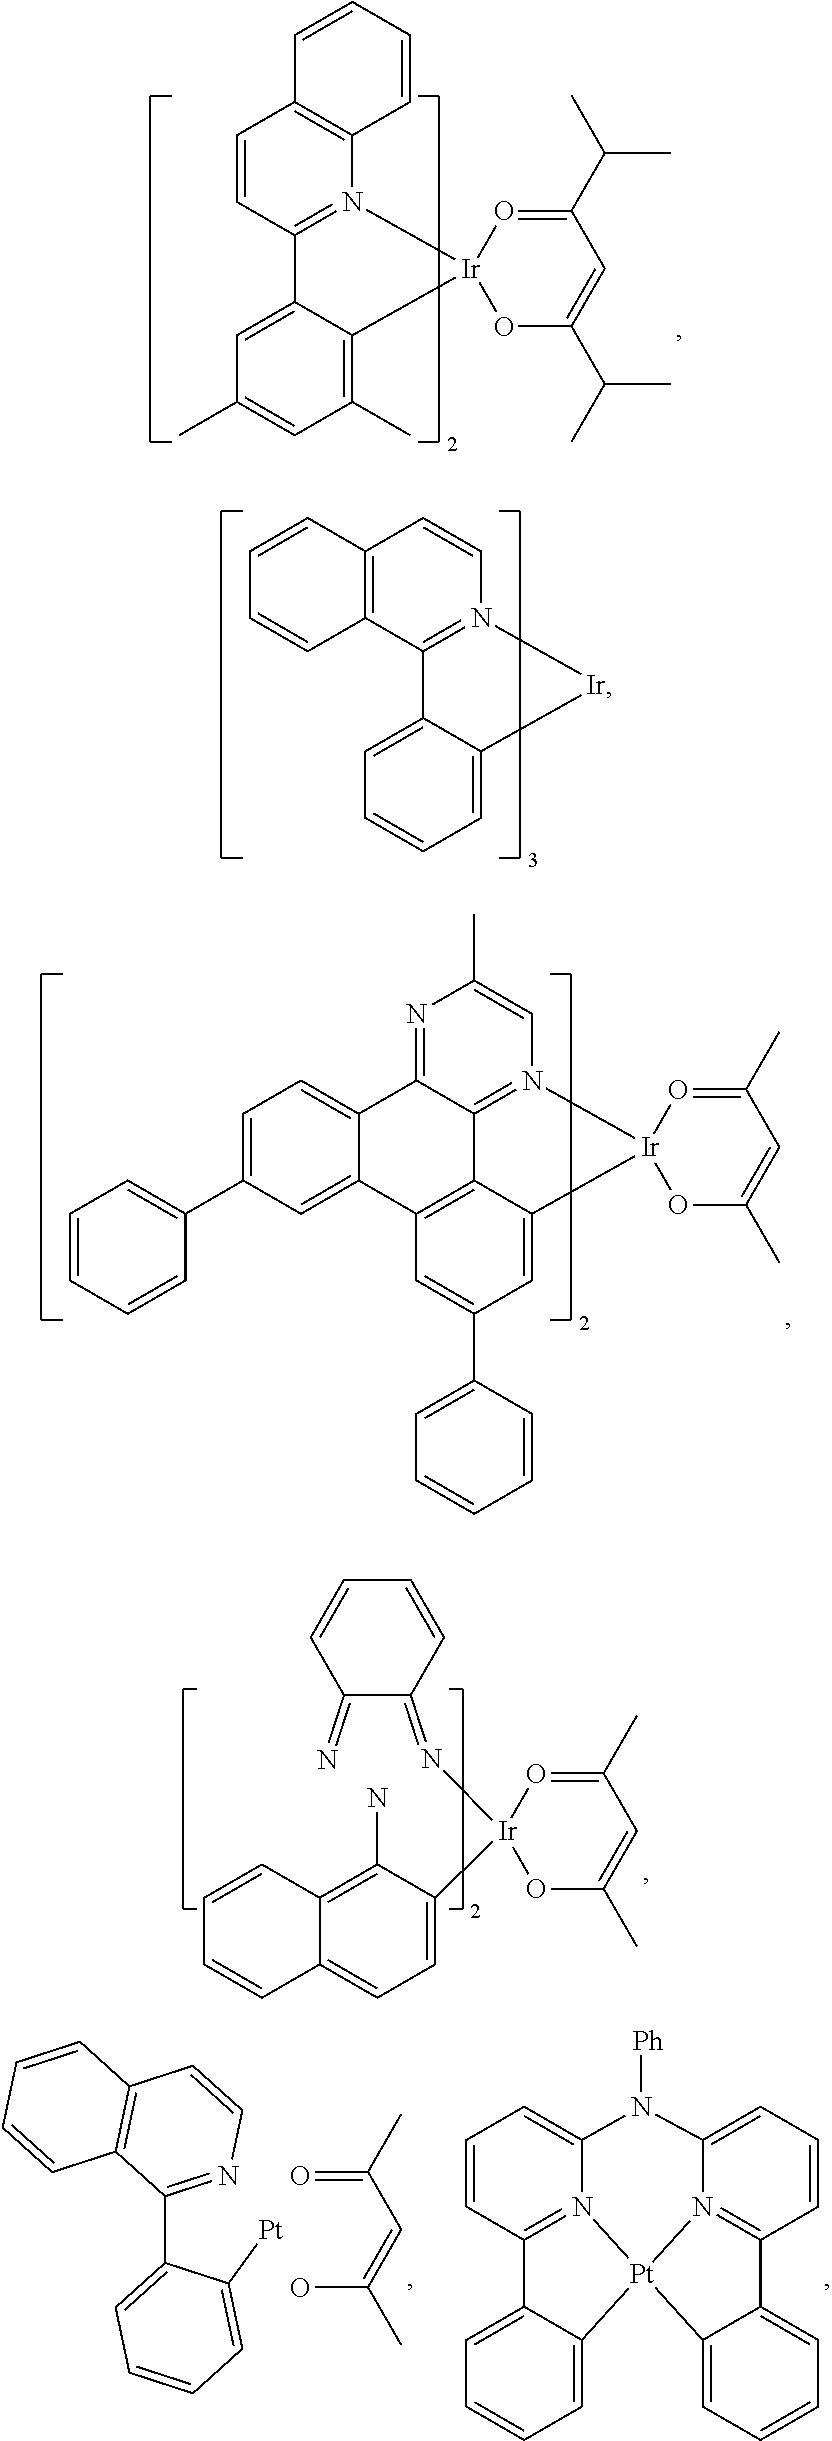 Figure US20180130962A1-20180510-C00176